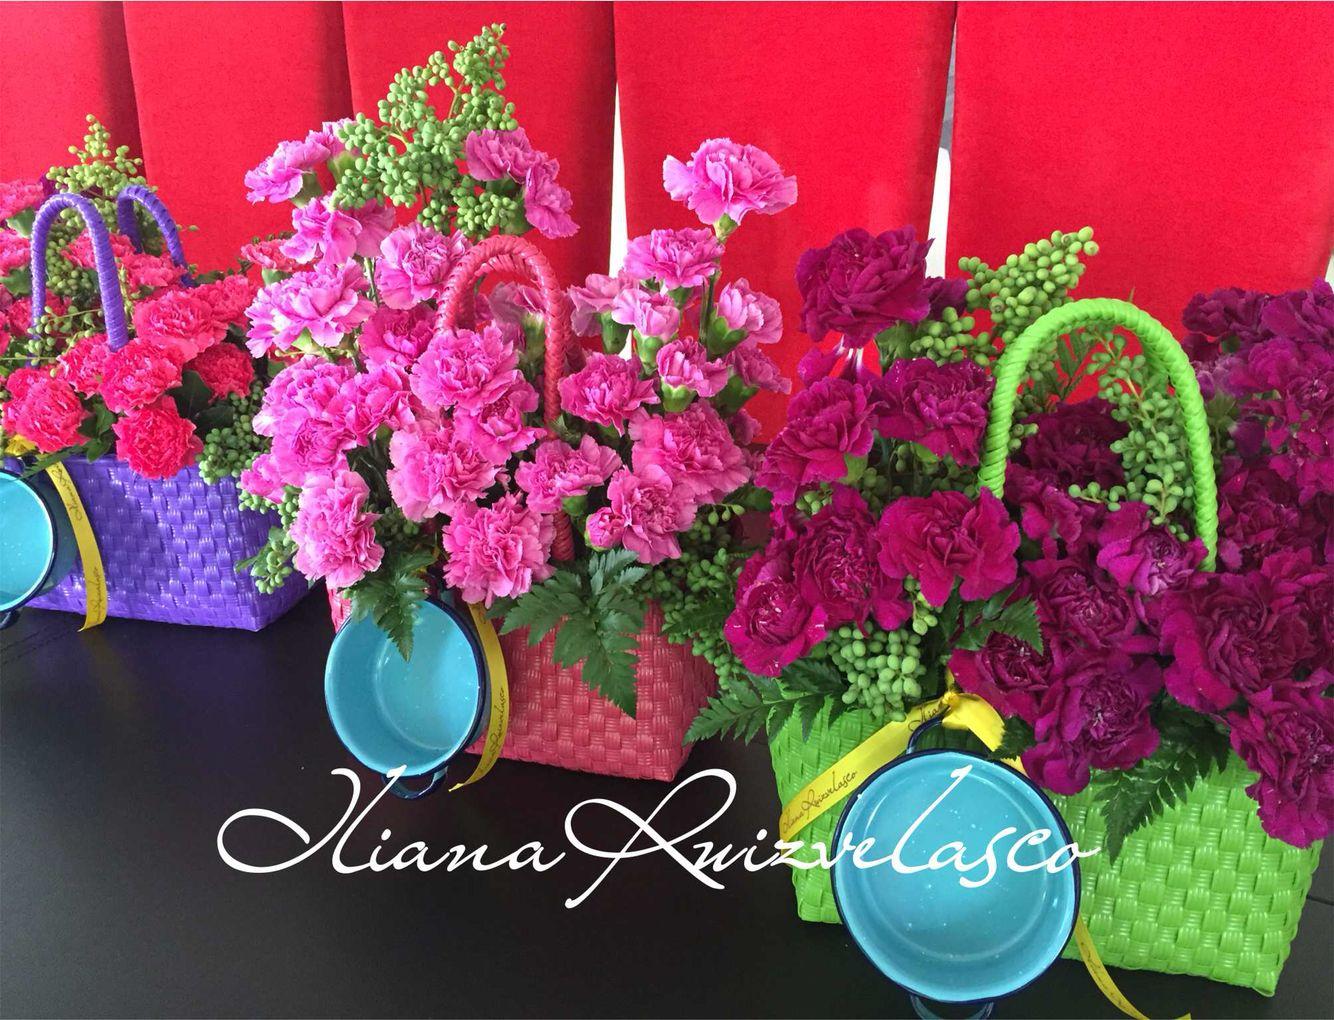 Diseños florales estilo urbano mexicano